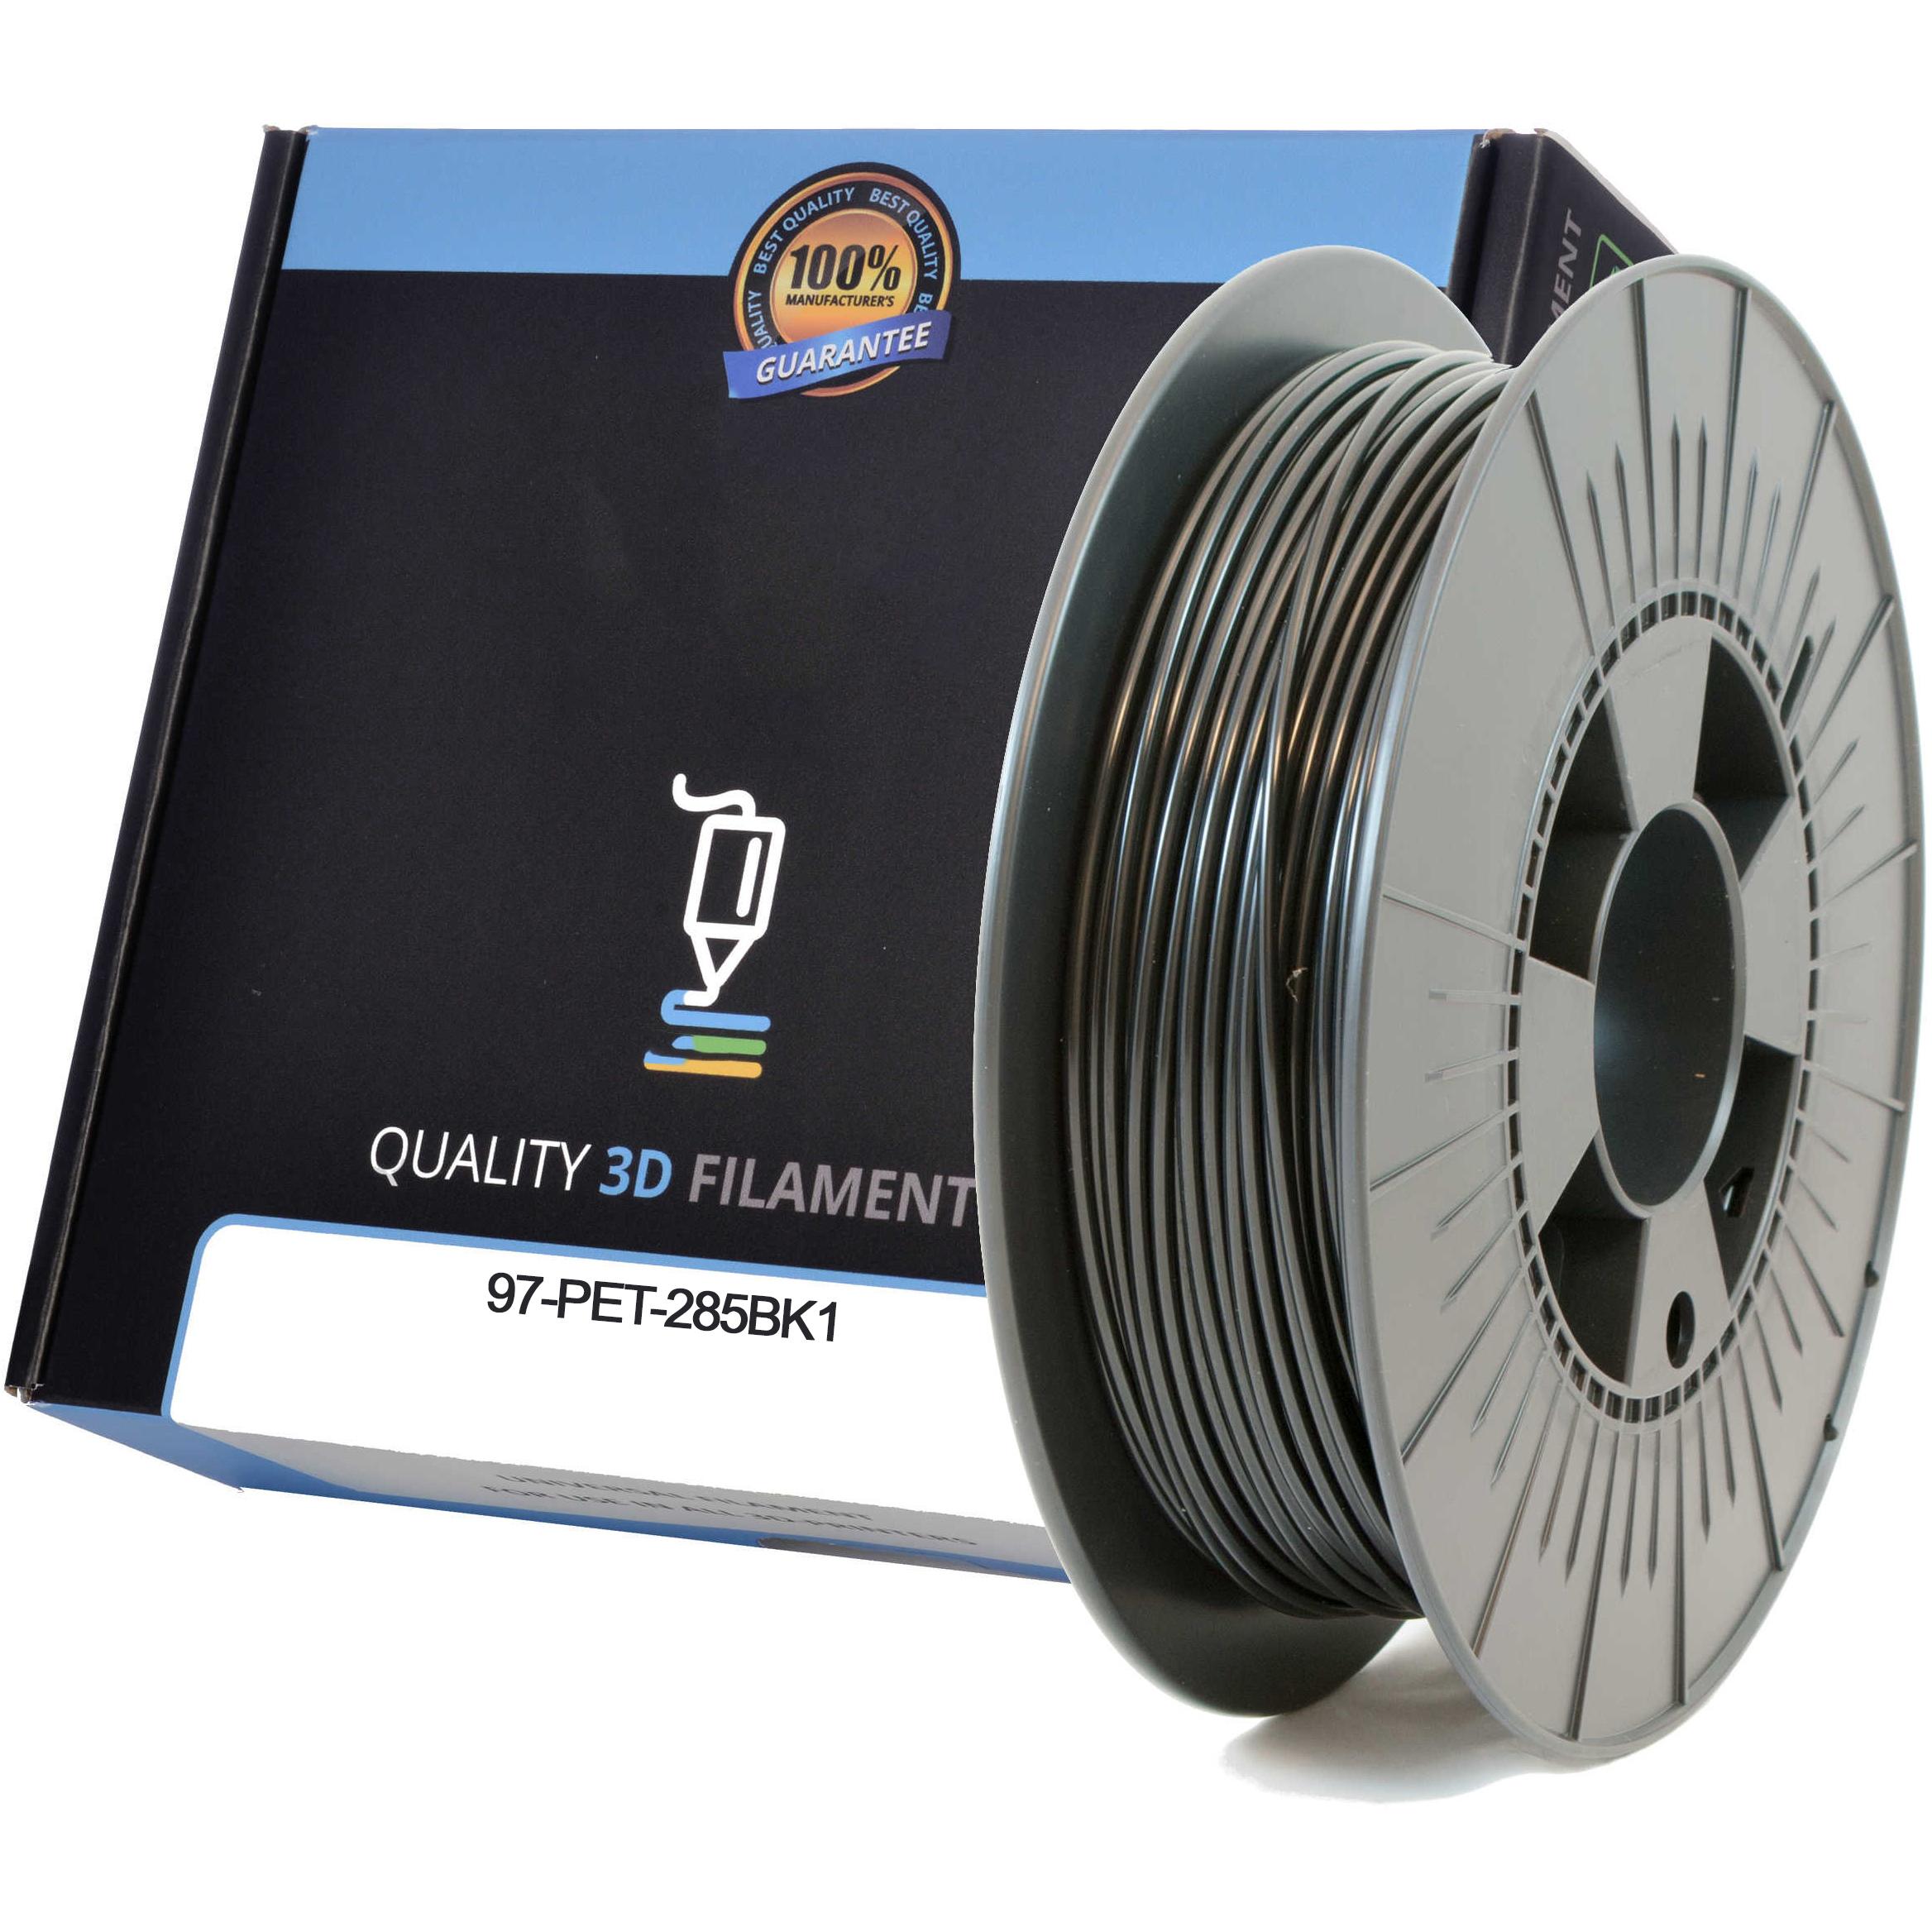 Premium Compatible PETG 2.85mm Black 1kg 3D Filament (97-PET-285BK1)